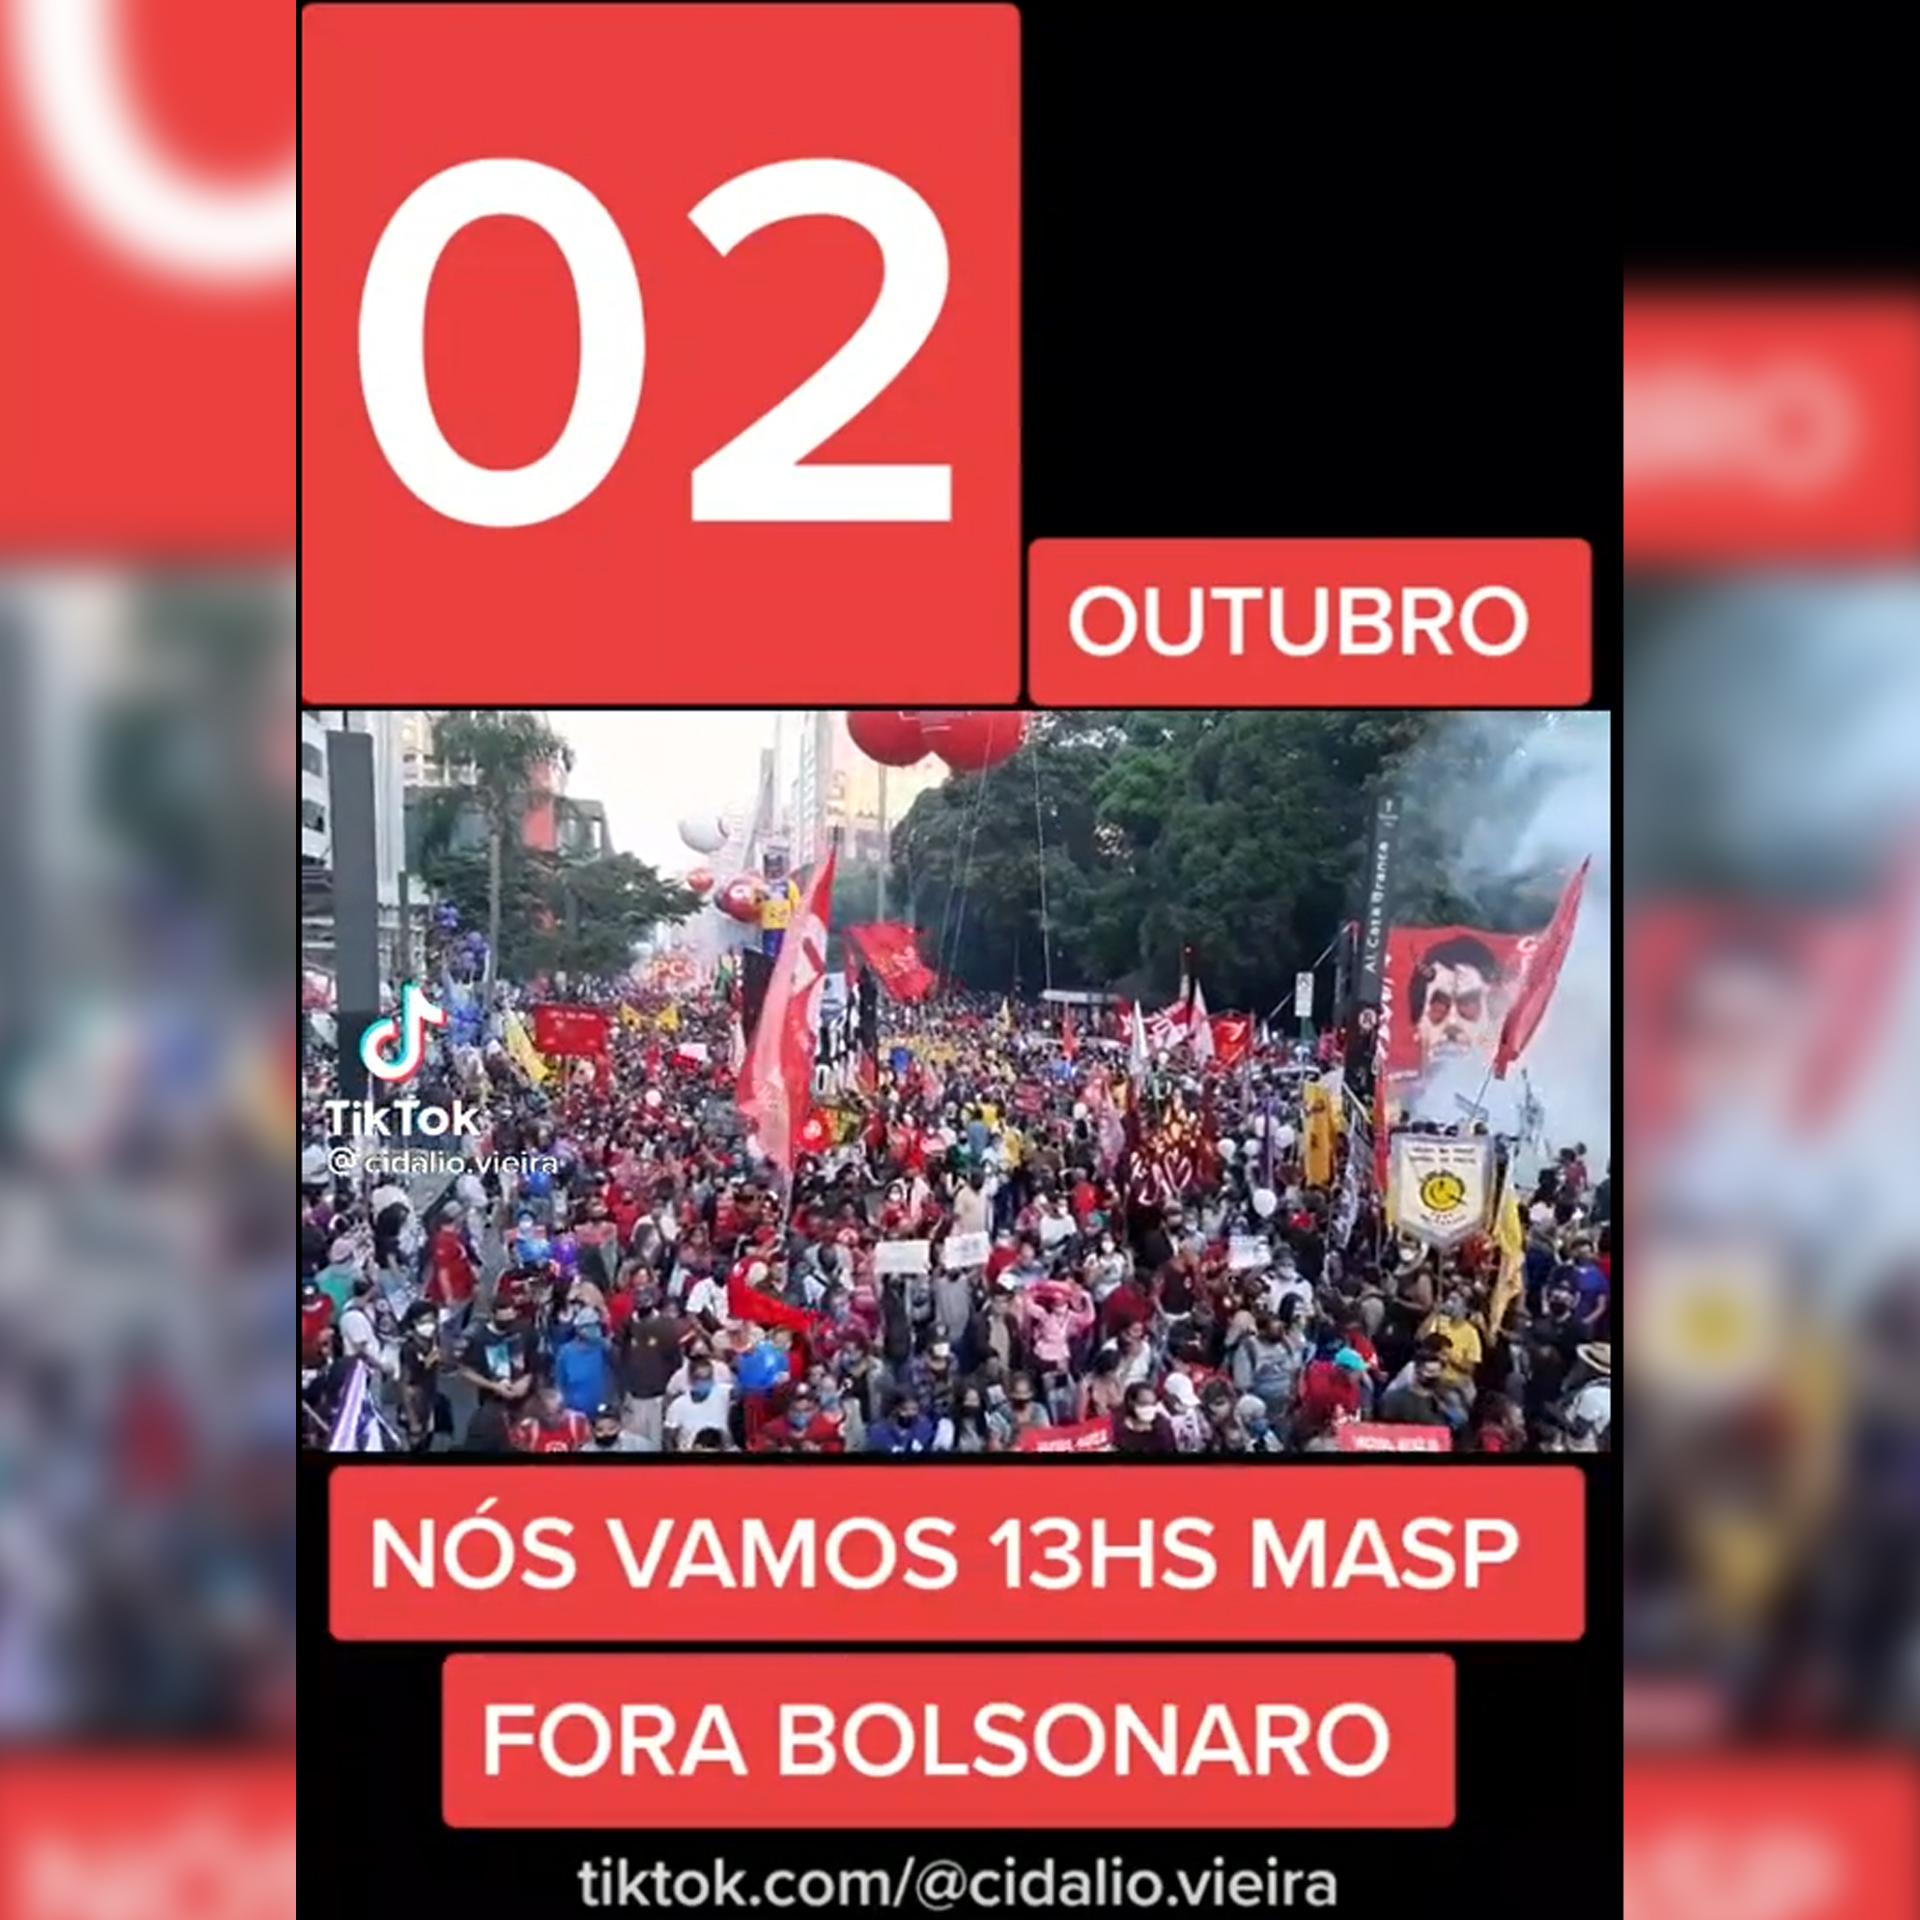 FESSPMESP, Centrais Sindicais e Movimentos Sociais convocam ato contra a PEC 32/20 em todo o País